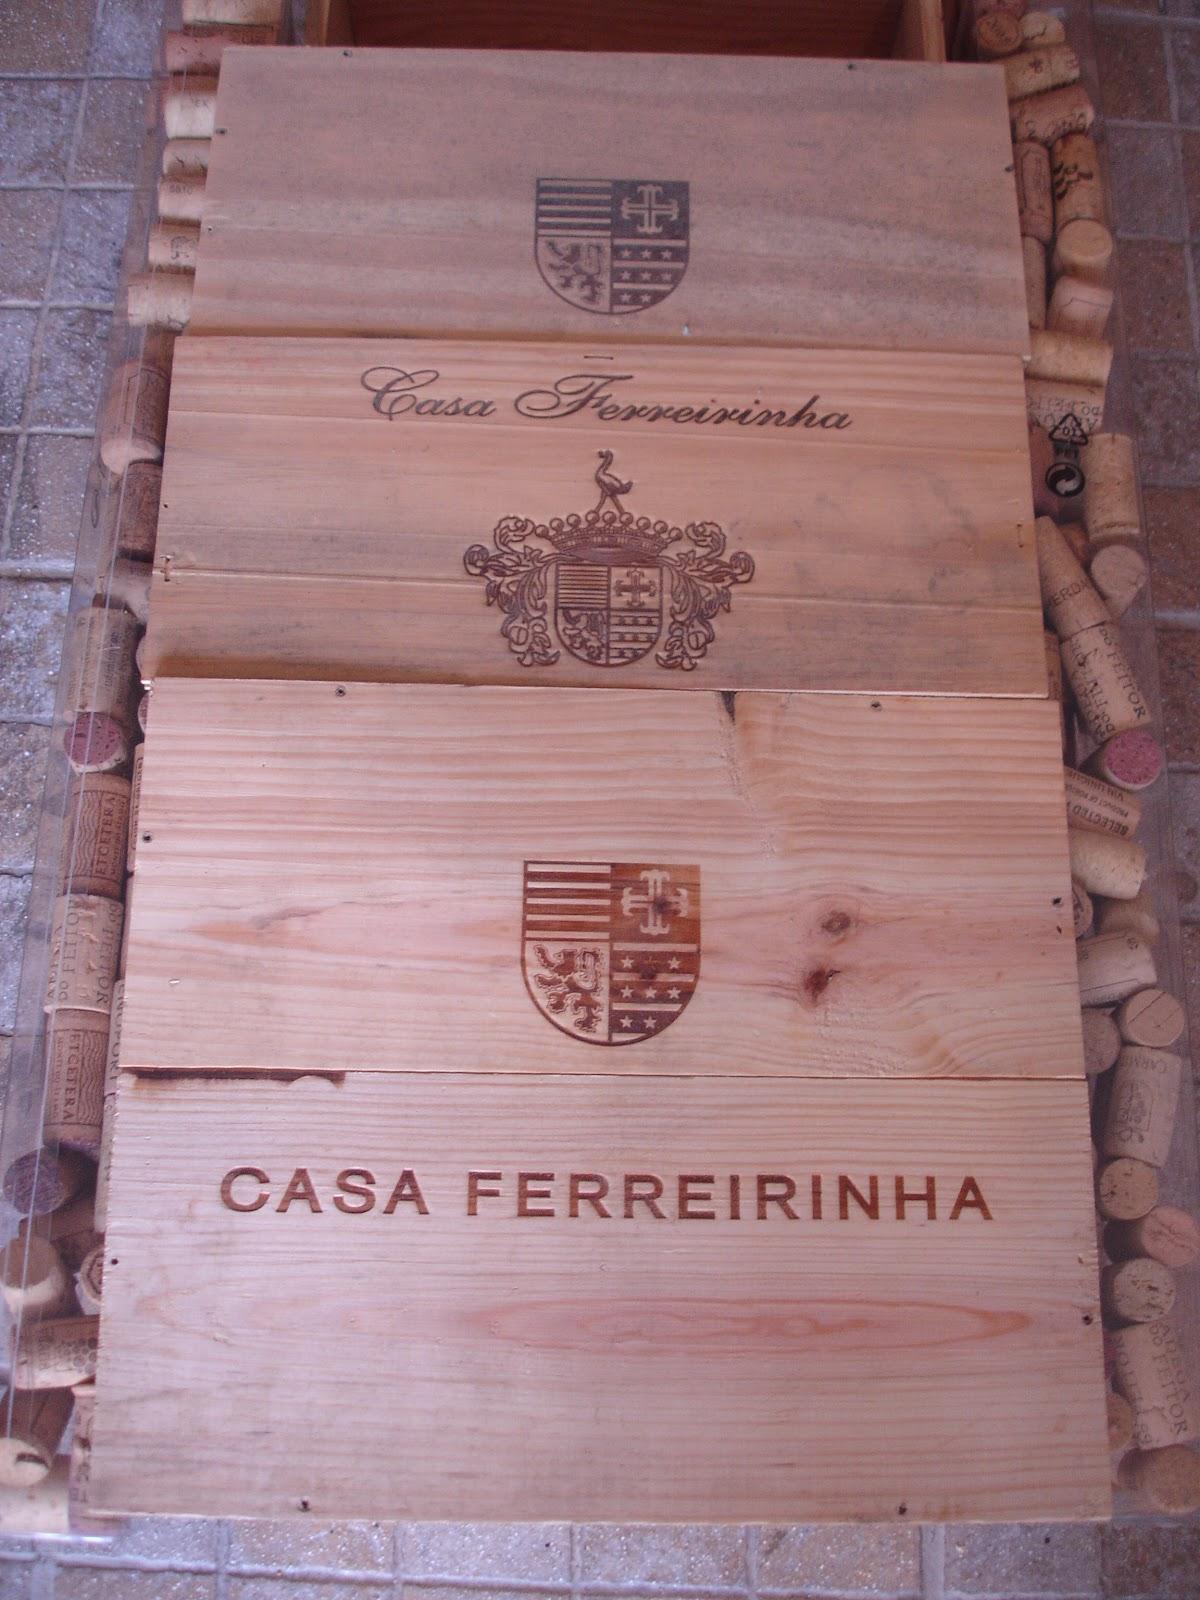 das caixas de vinhos e nas laterais ter umas ronhas Vamos ver #444D88 1200x1600